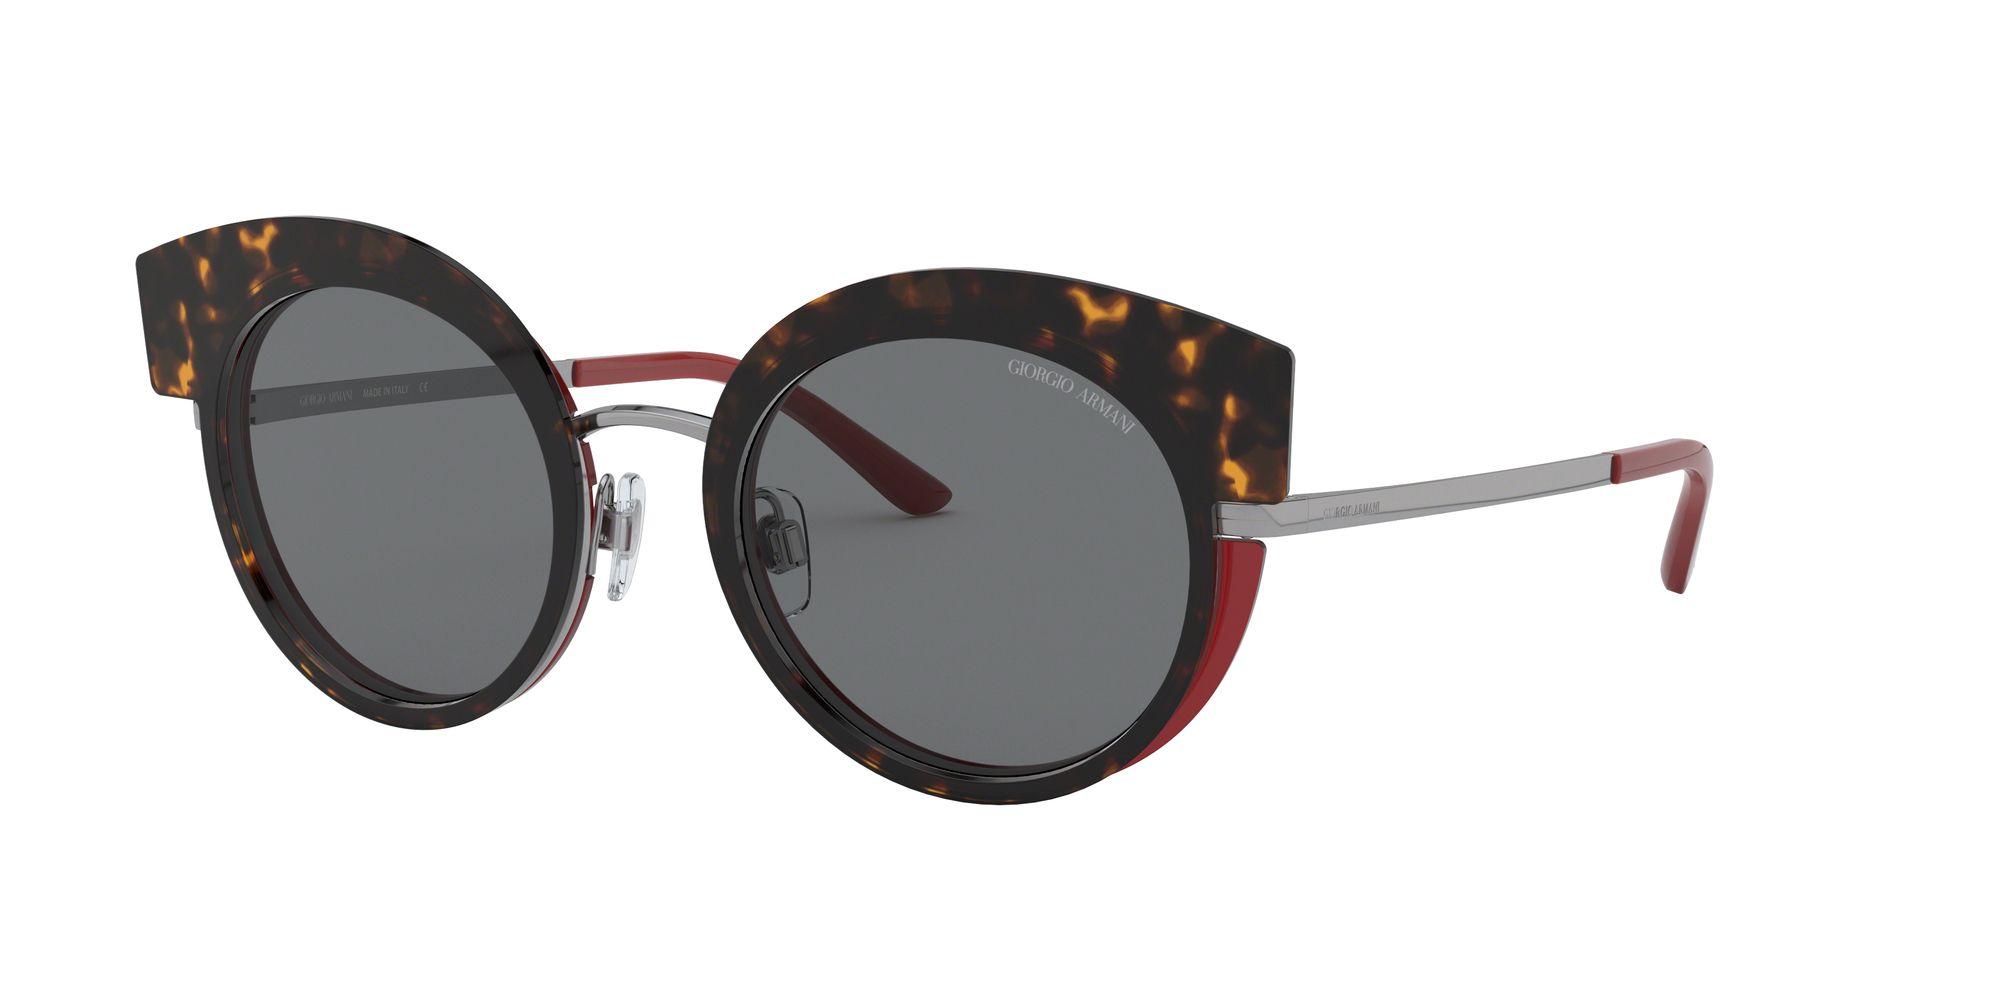 Giorgio Armani Giorgio Armani AR6091 Women's Round Sunglasses